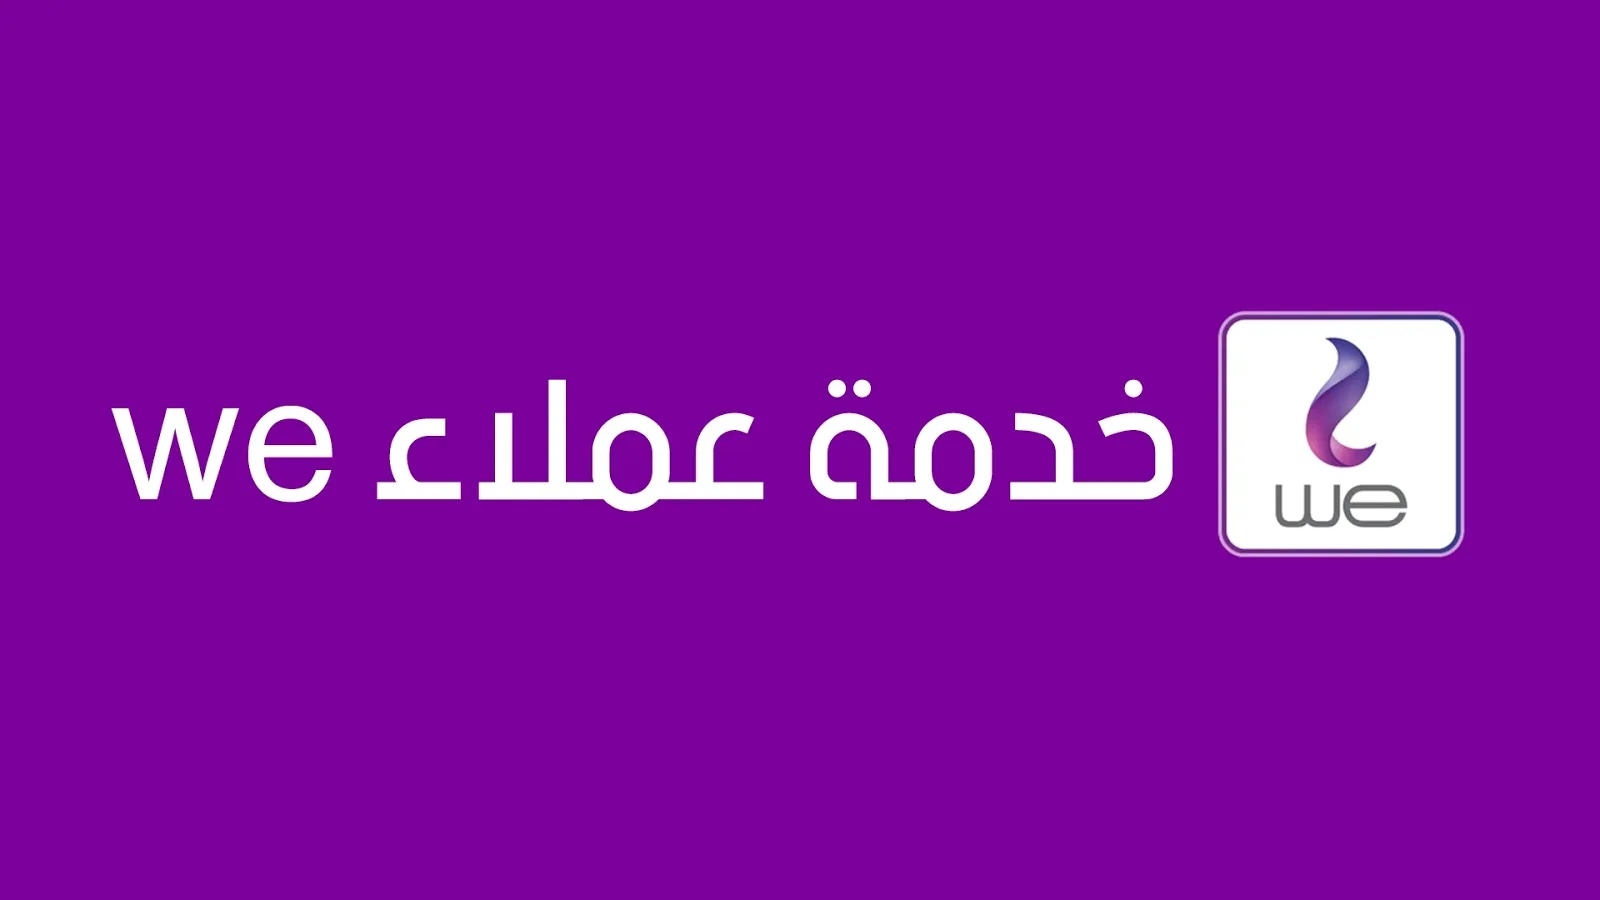 رقم خدمة عملاء we وي المصرية للاتصالات 2021